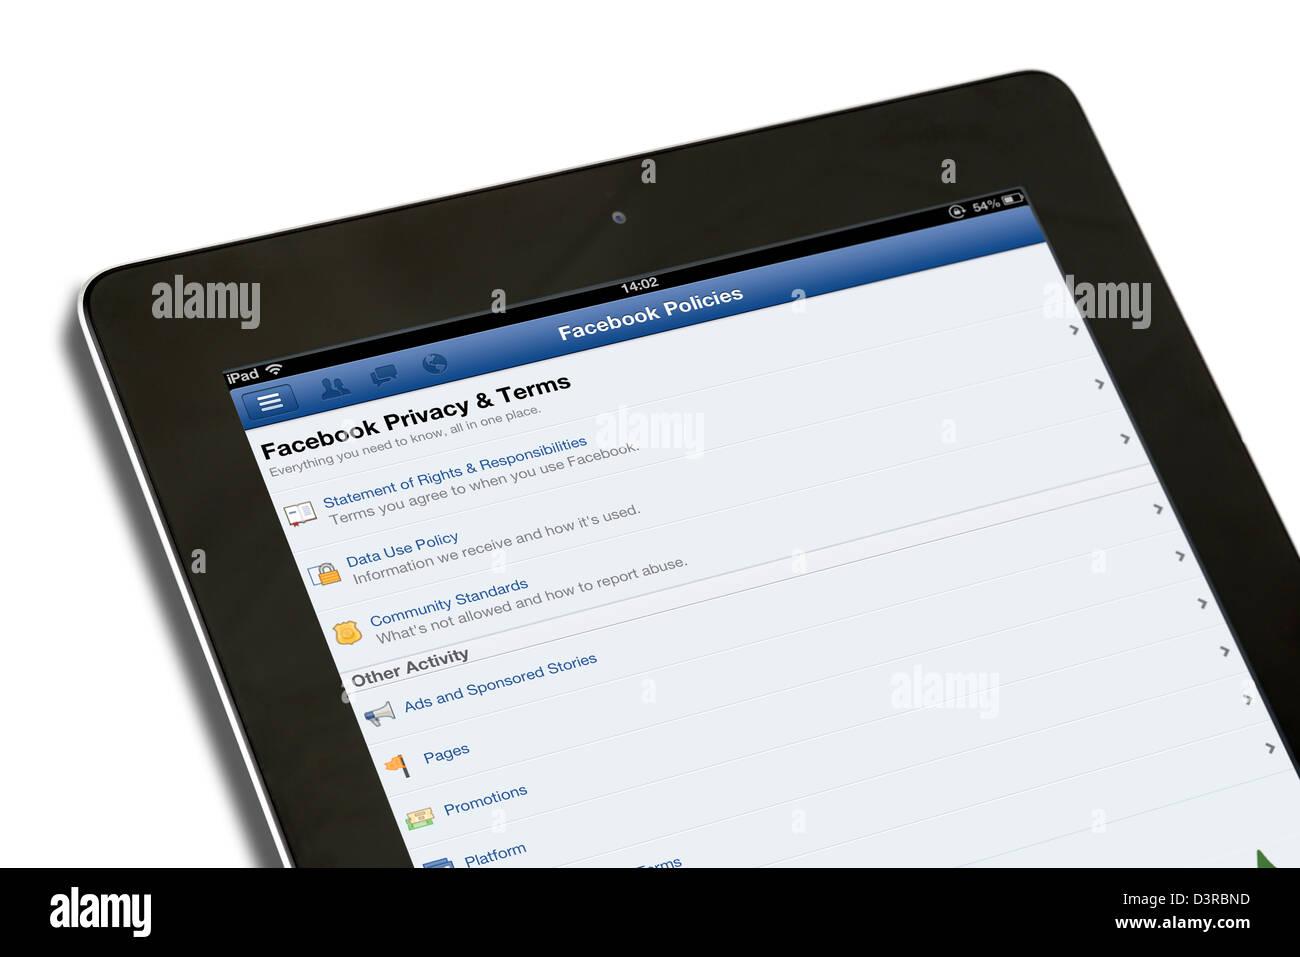 Facebook Privatsphäre und Bedingungen auf der Seite Facebook Richtlinien, die auf dem iPad eine 4. Generation Stockbild